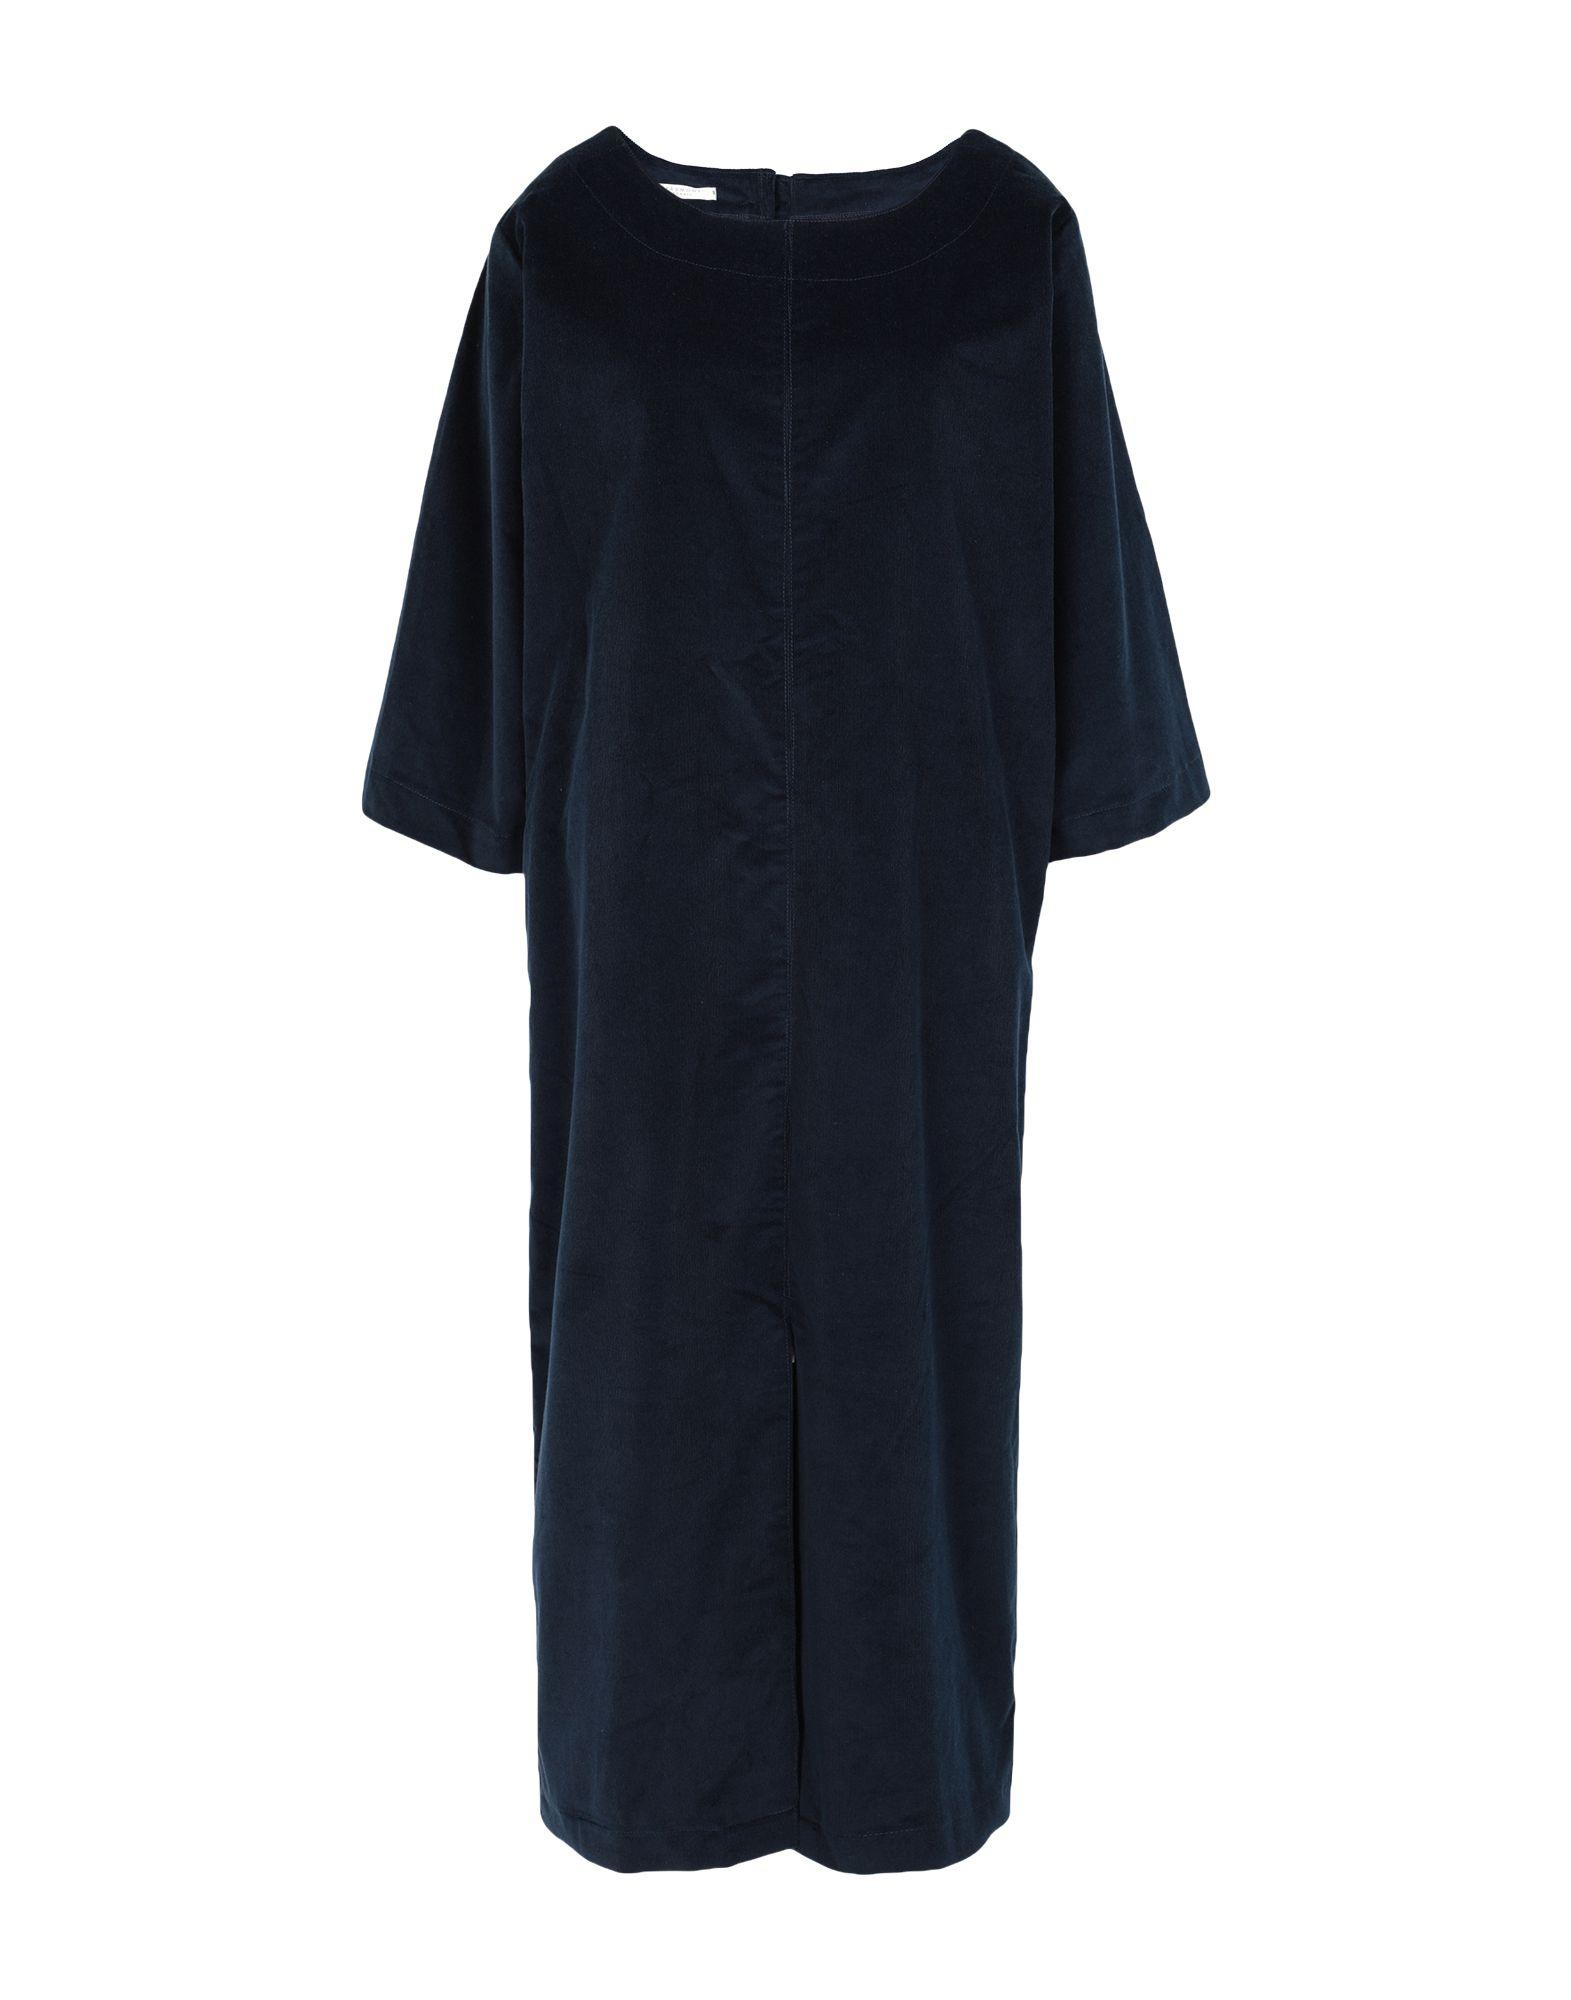 BEAUMONT ORGANIC Платье длиной 3/4